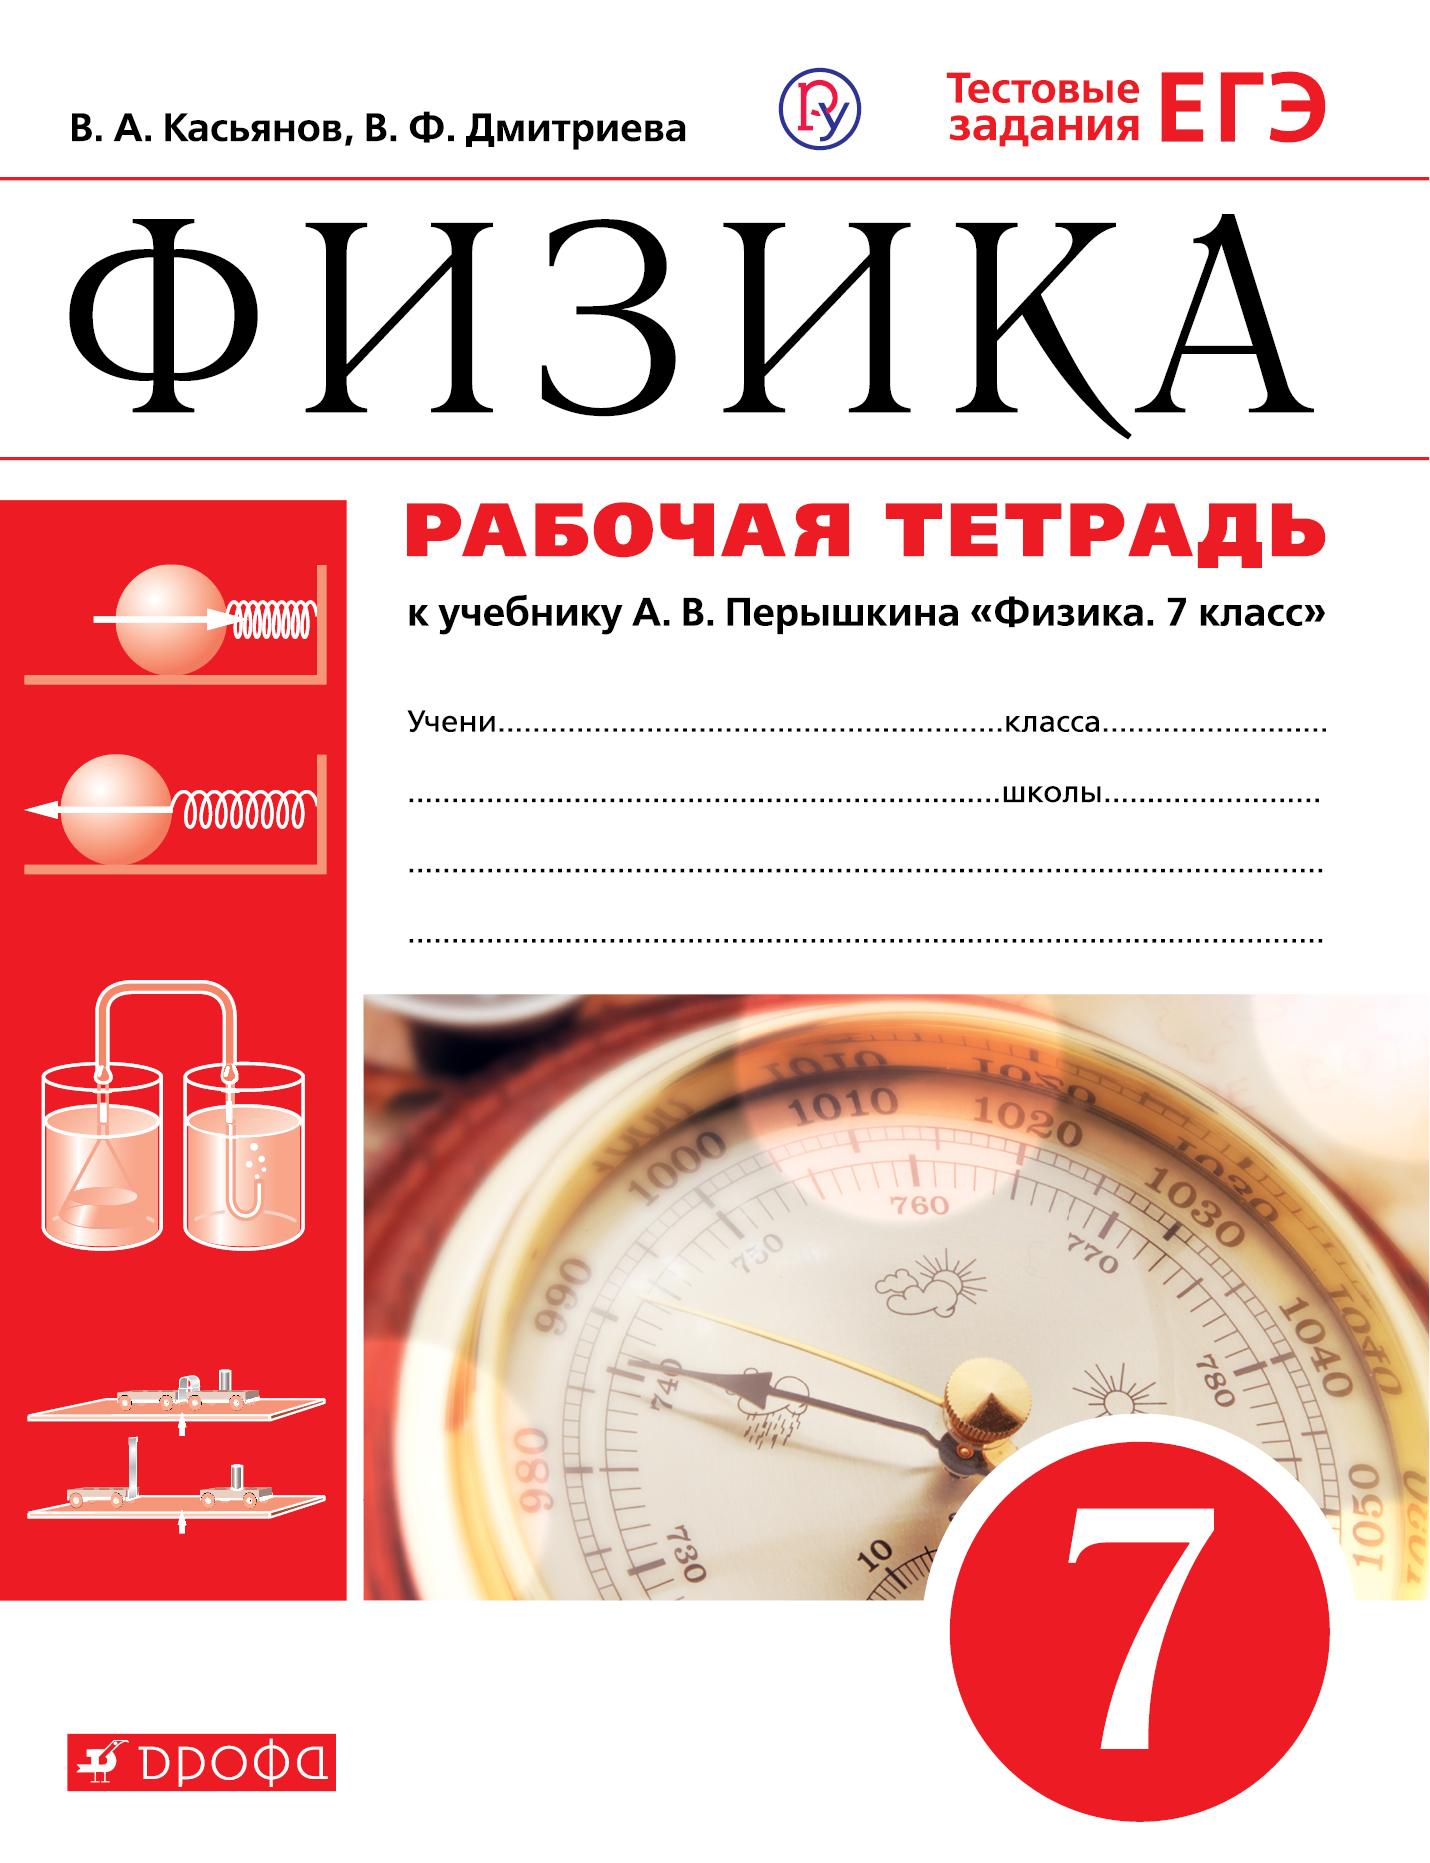 Касьянов В.А., Дмитриева В.Ф. Физика. 7 класс. Рабочая тетрадь.